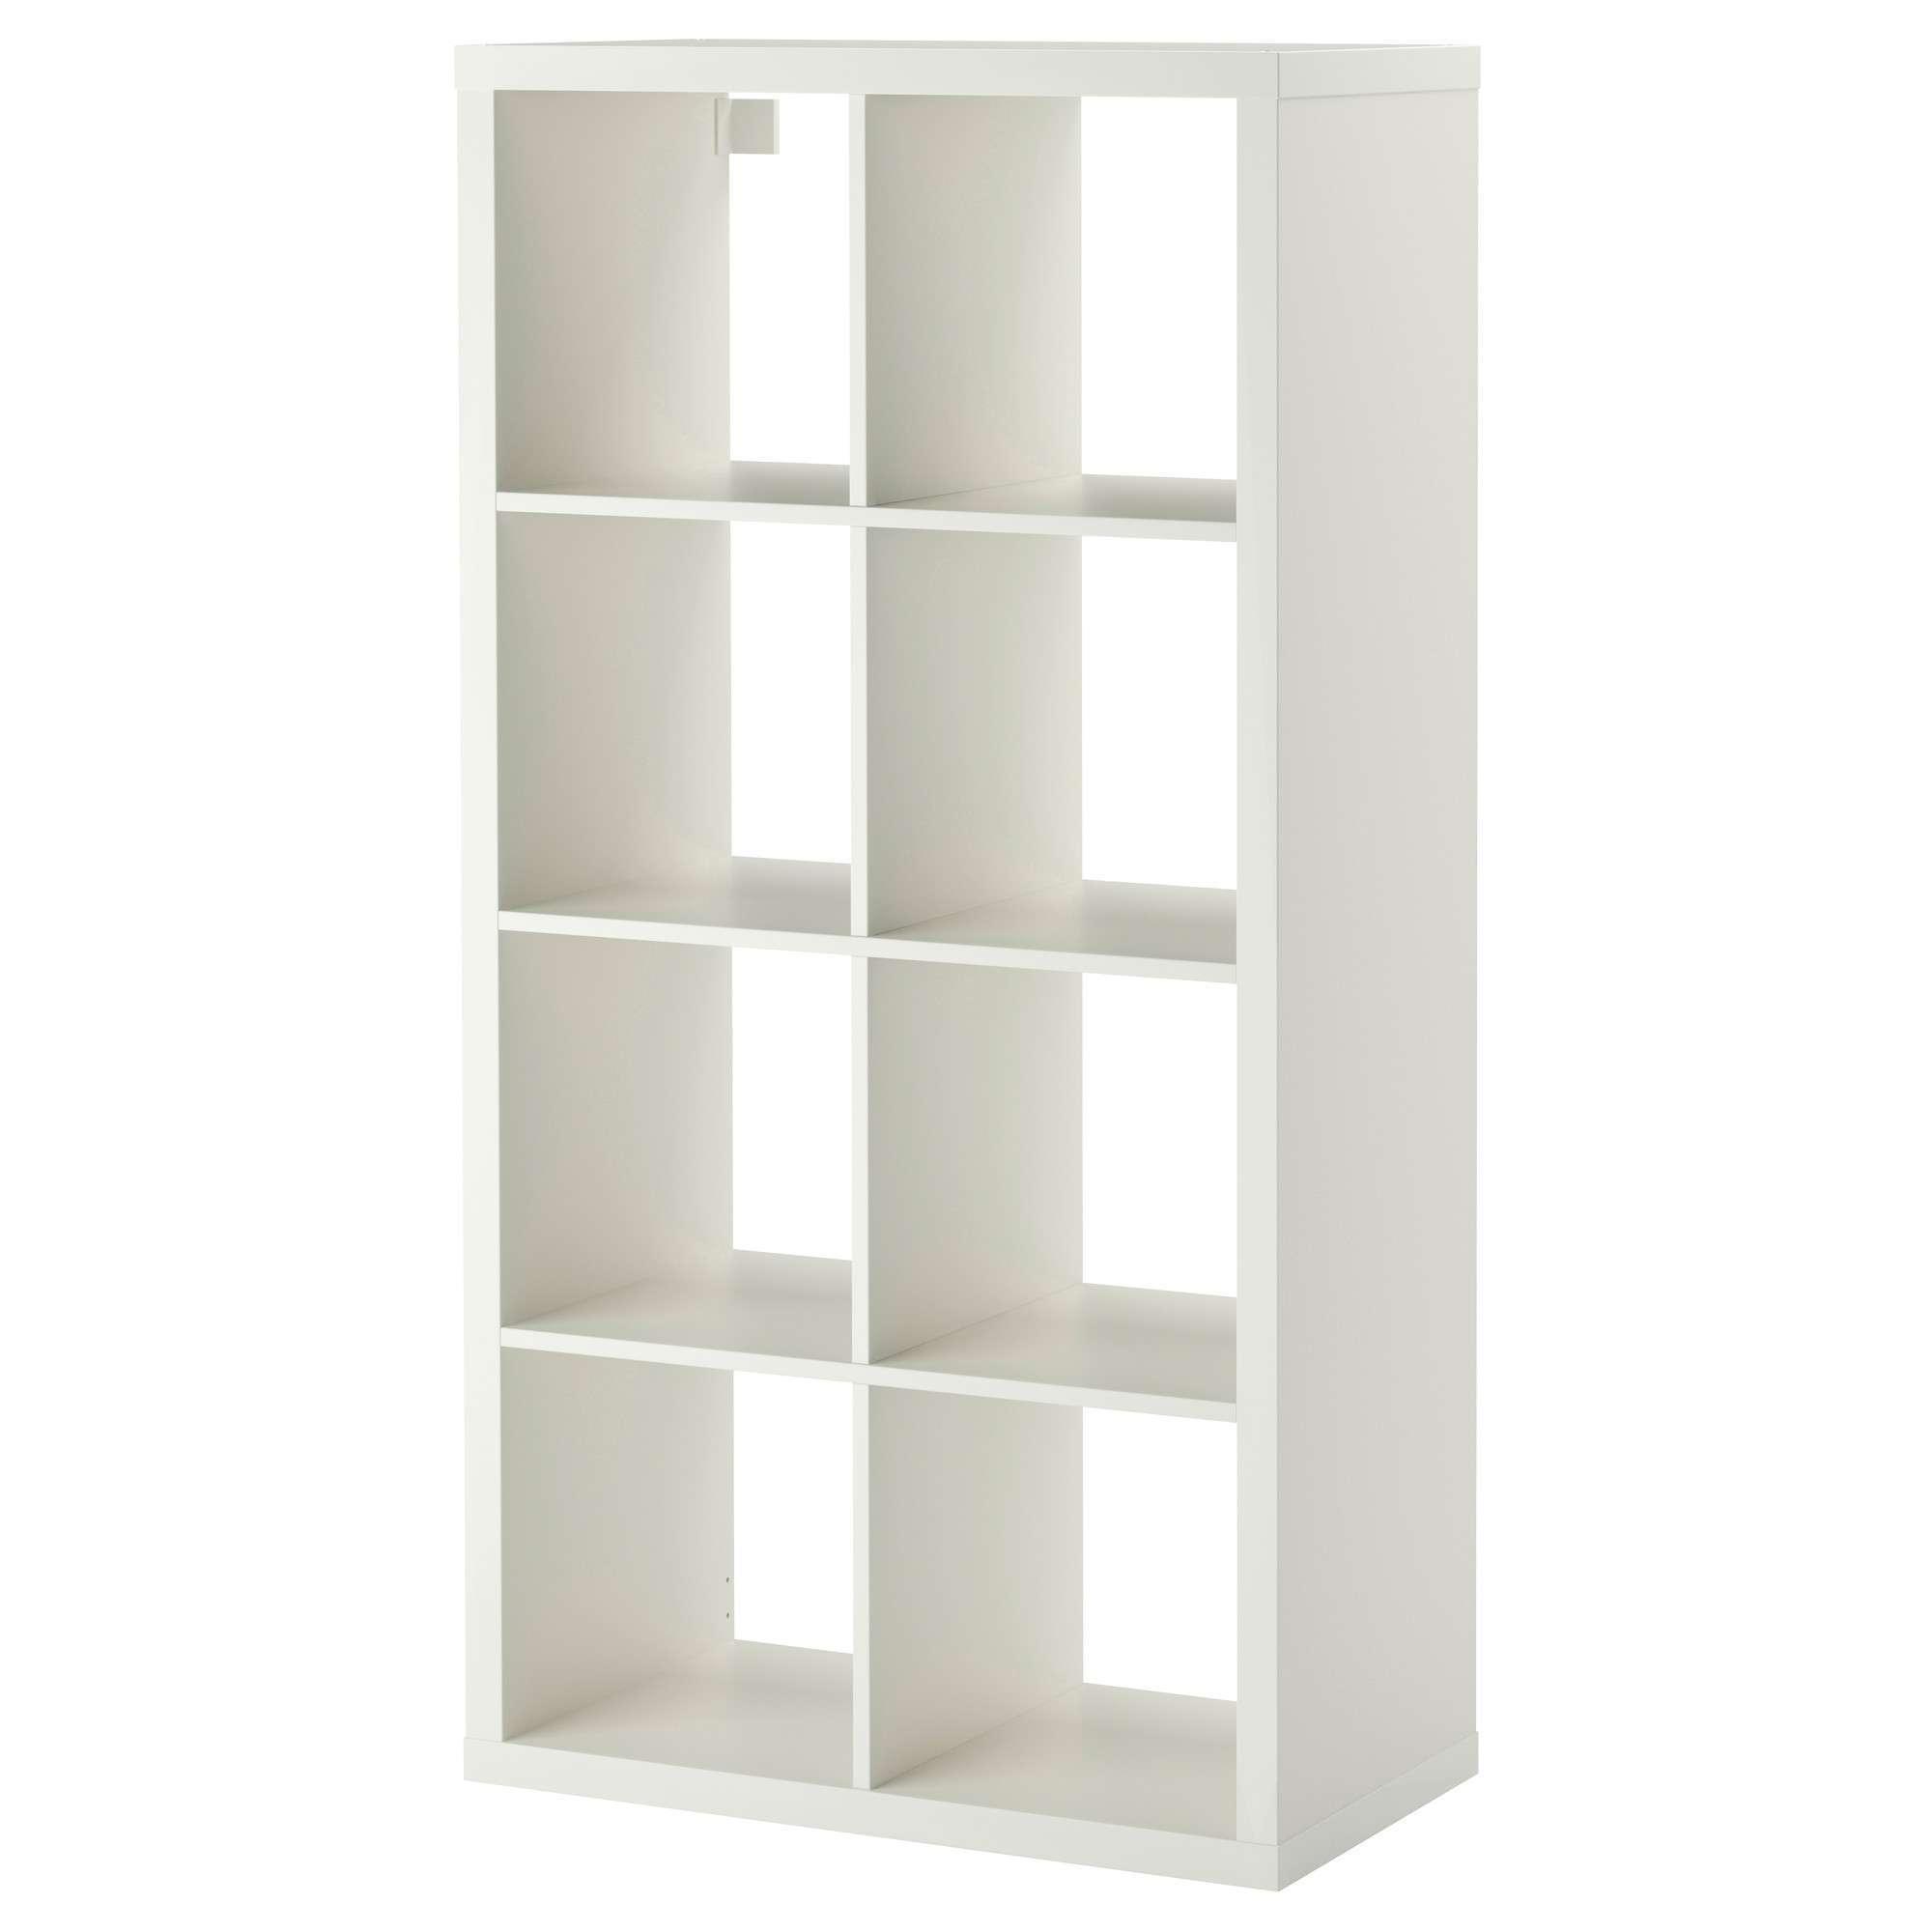 купить Ikea в алматы интернет магазин икеа цена Homeart Shopkz